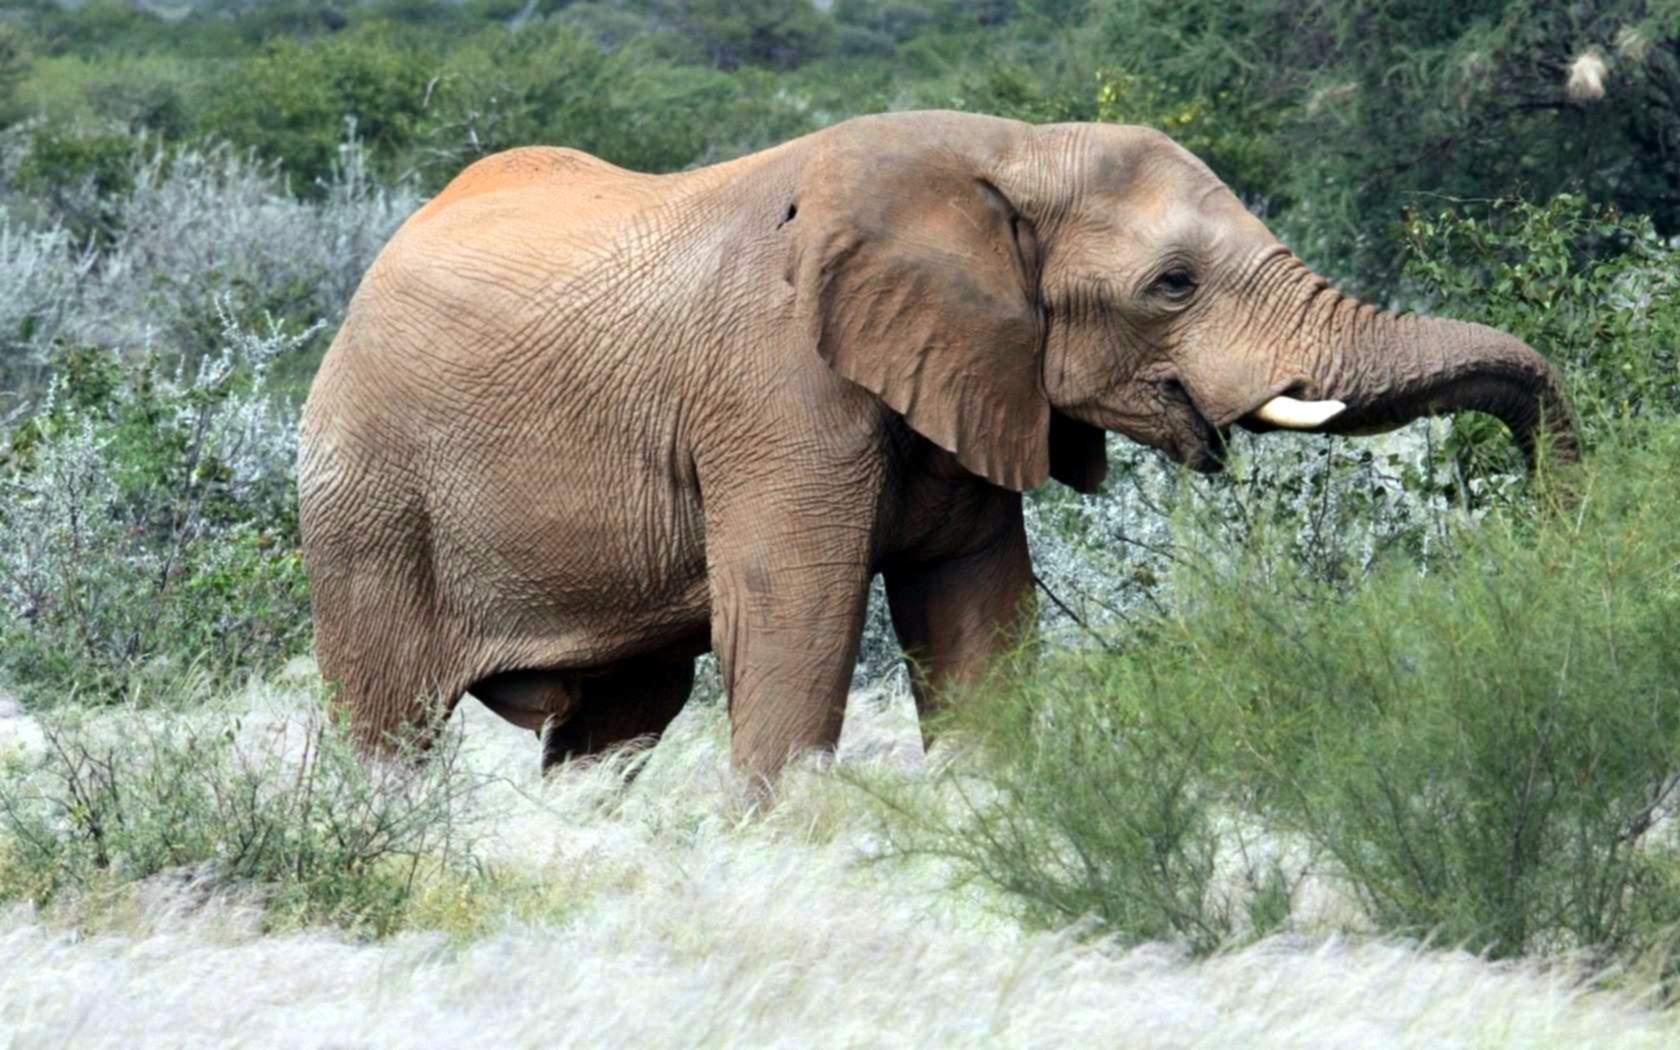 Haare auf Elefanten Hintern